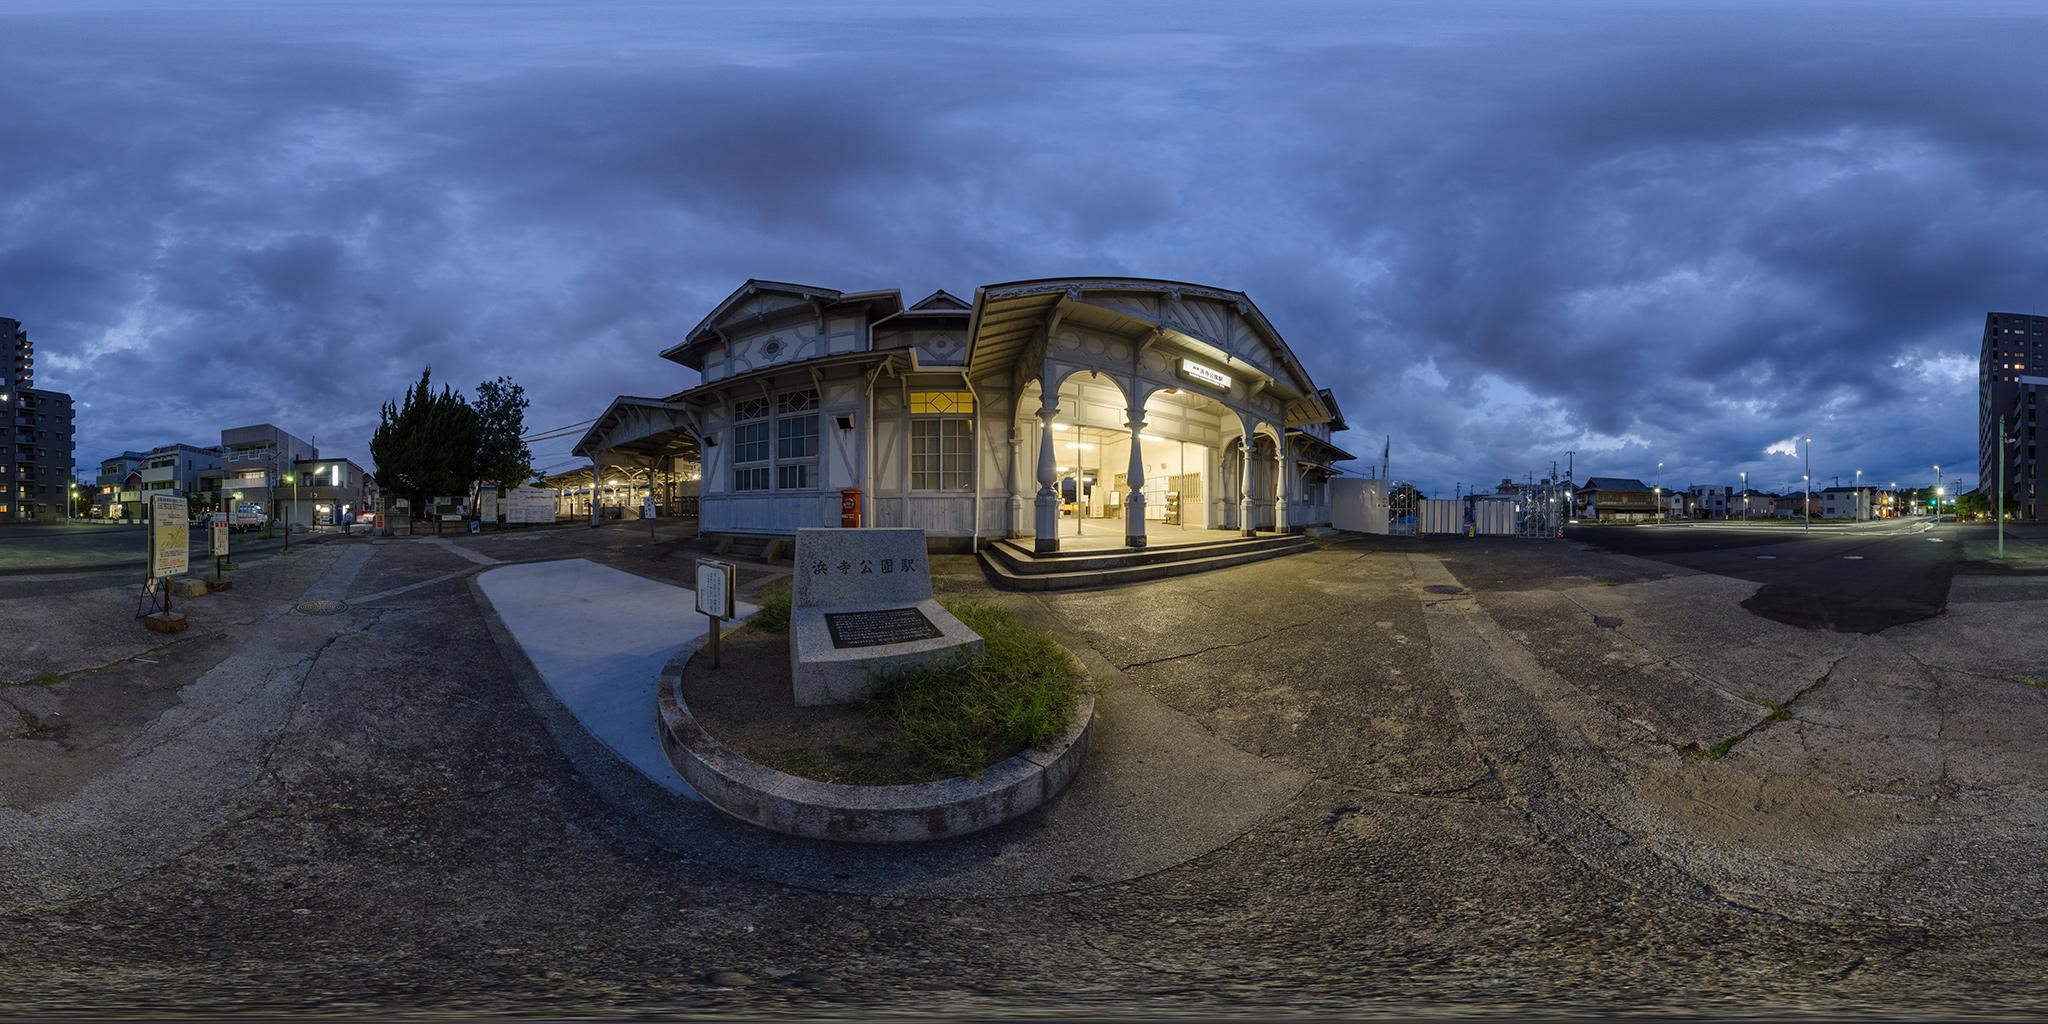 1907年に建築された浜寺公園駅の木造駅舎